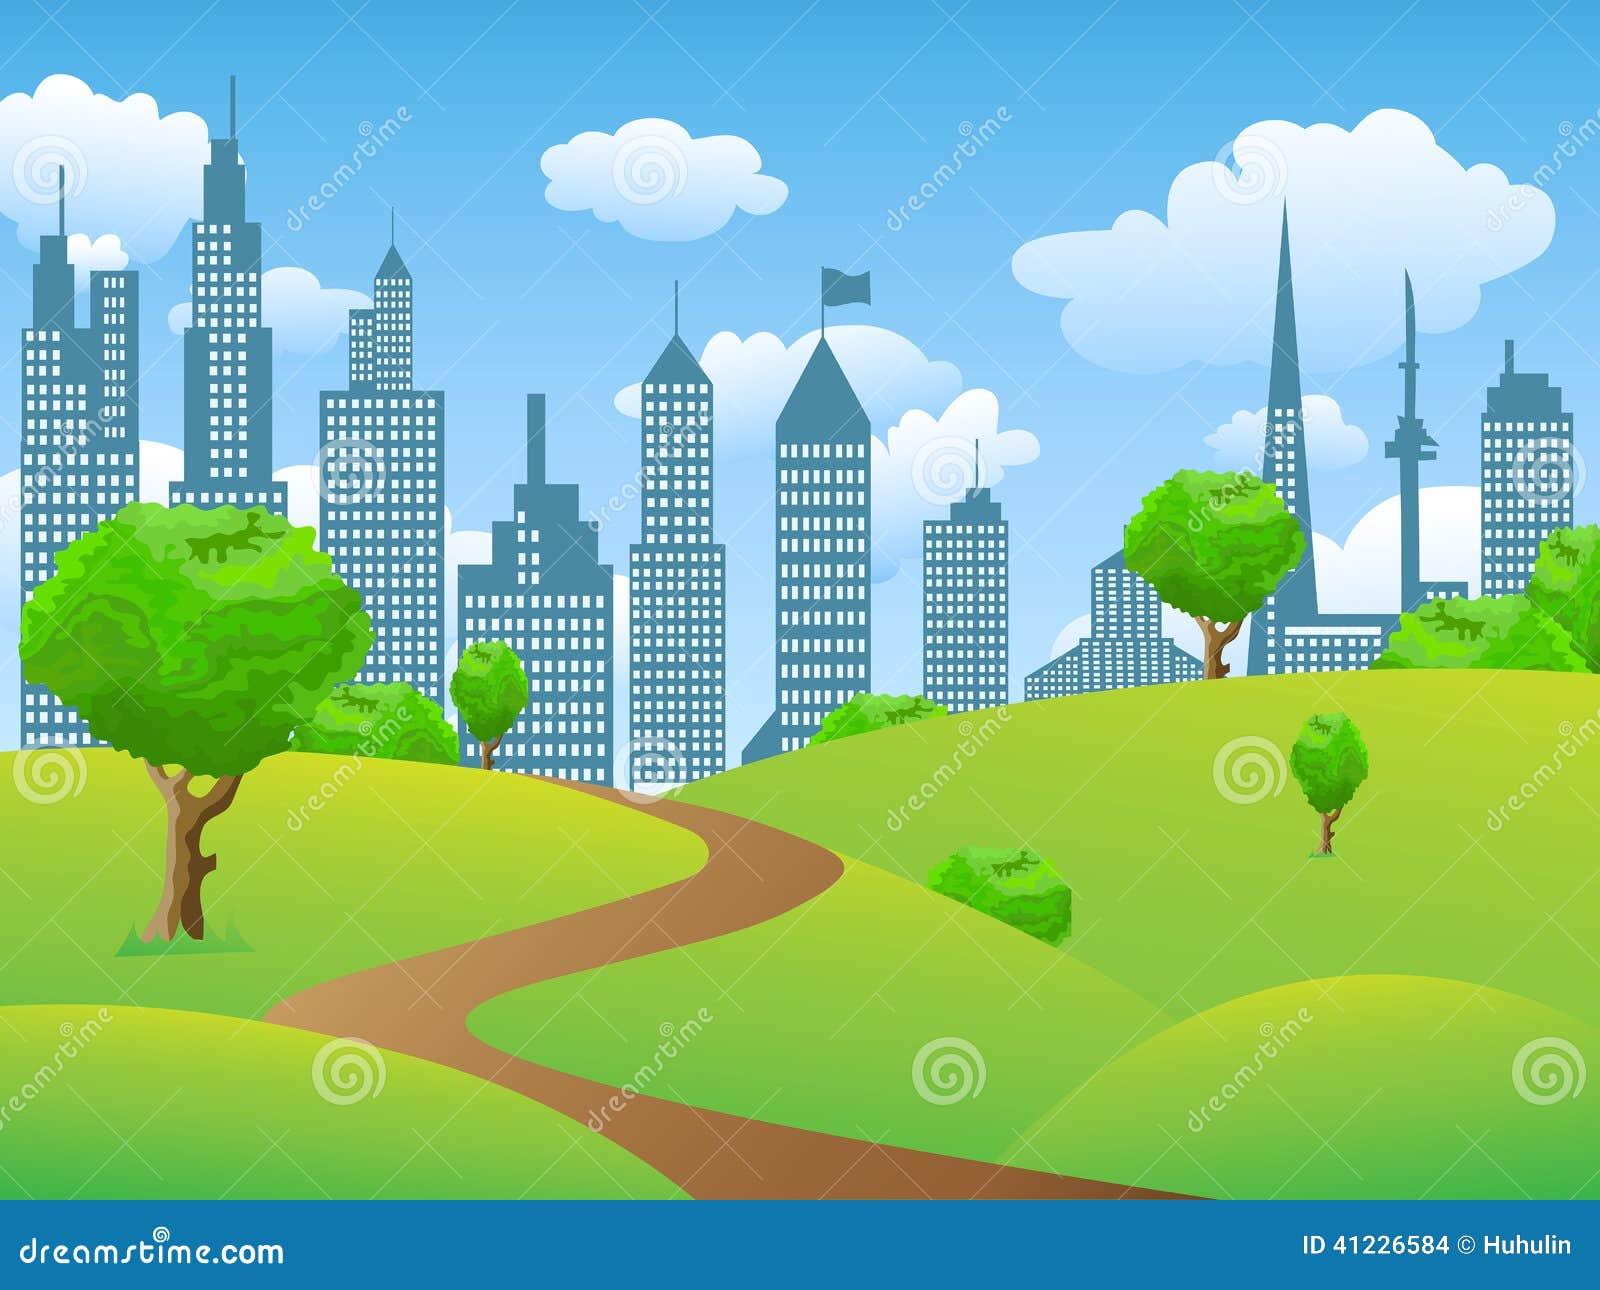 Town Landscape Vector Illustration: City Park Landscape Stock Vector. Illustration Of Image